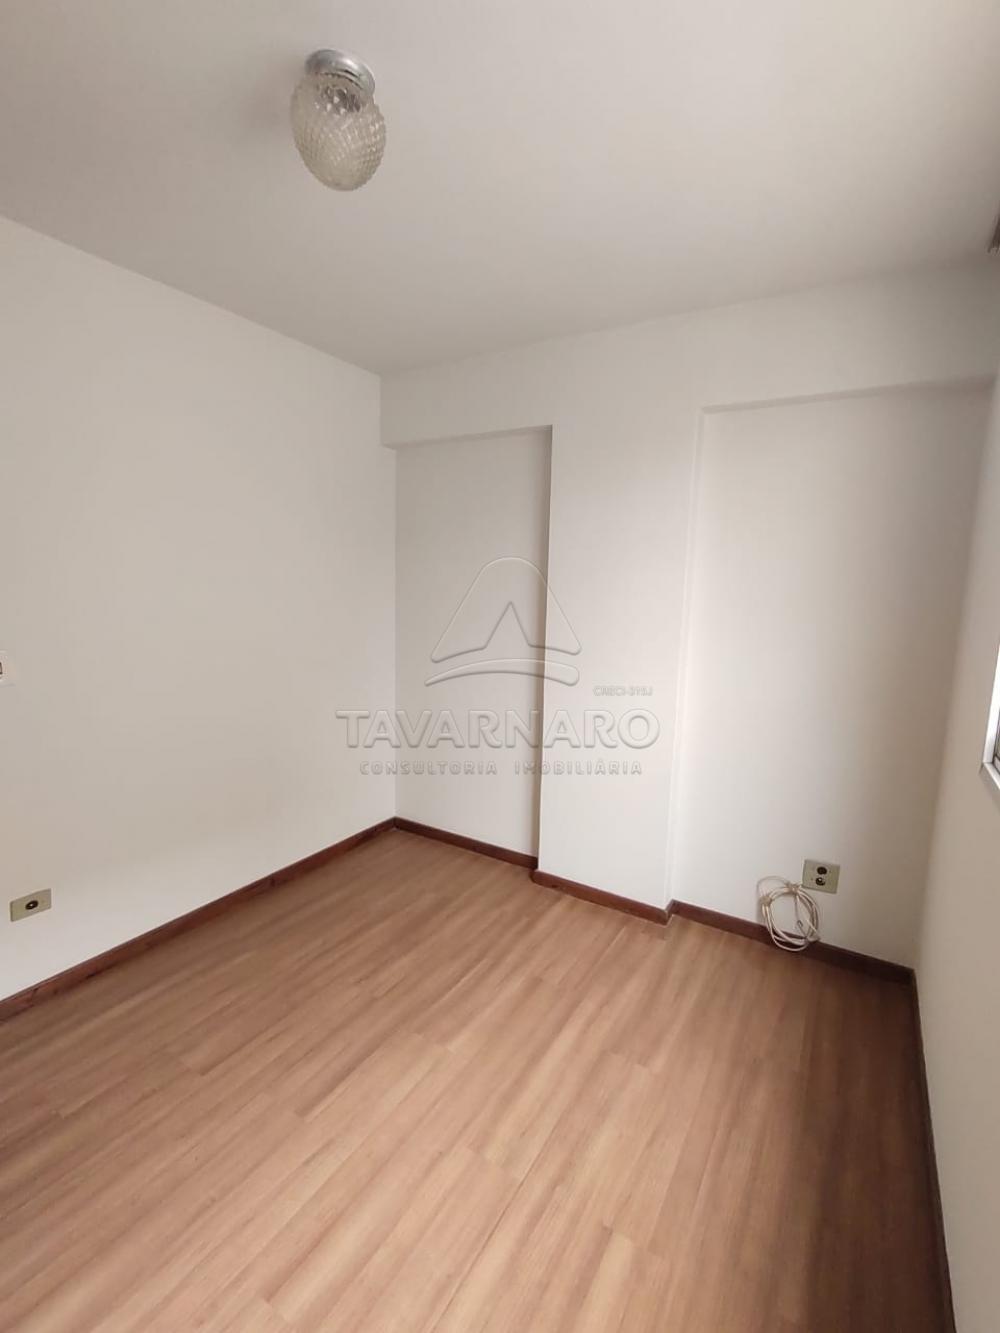 Alugar Apartamento / Padrão em Ponta Grossa R$ 750,00 - Foto 4